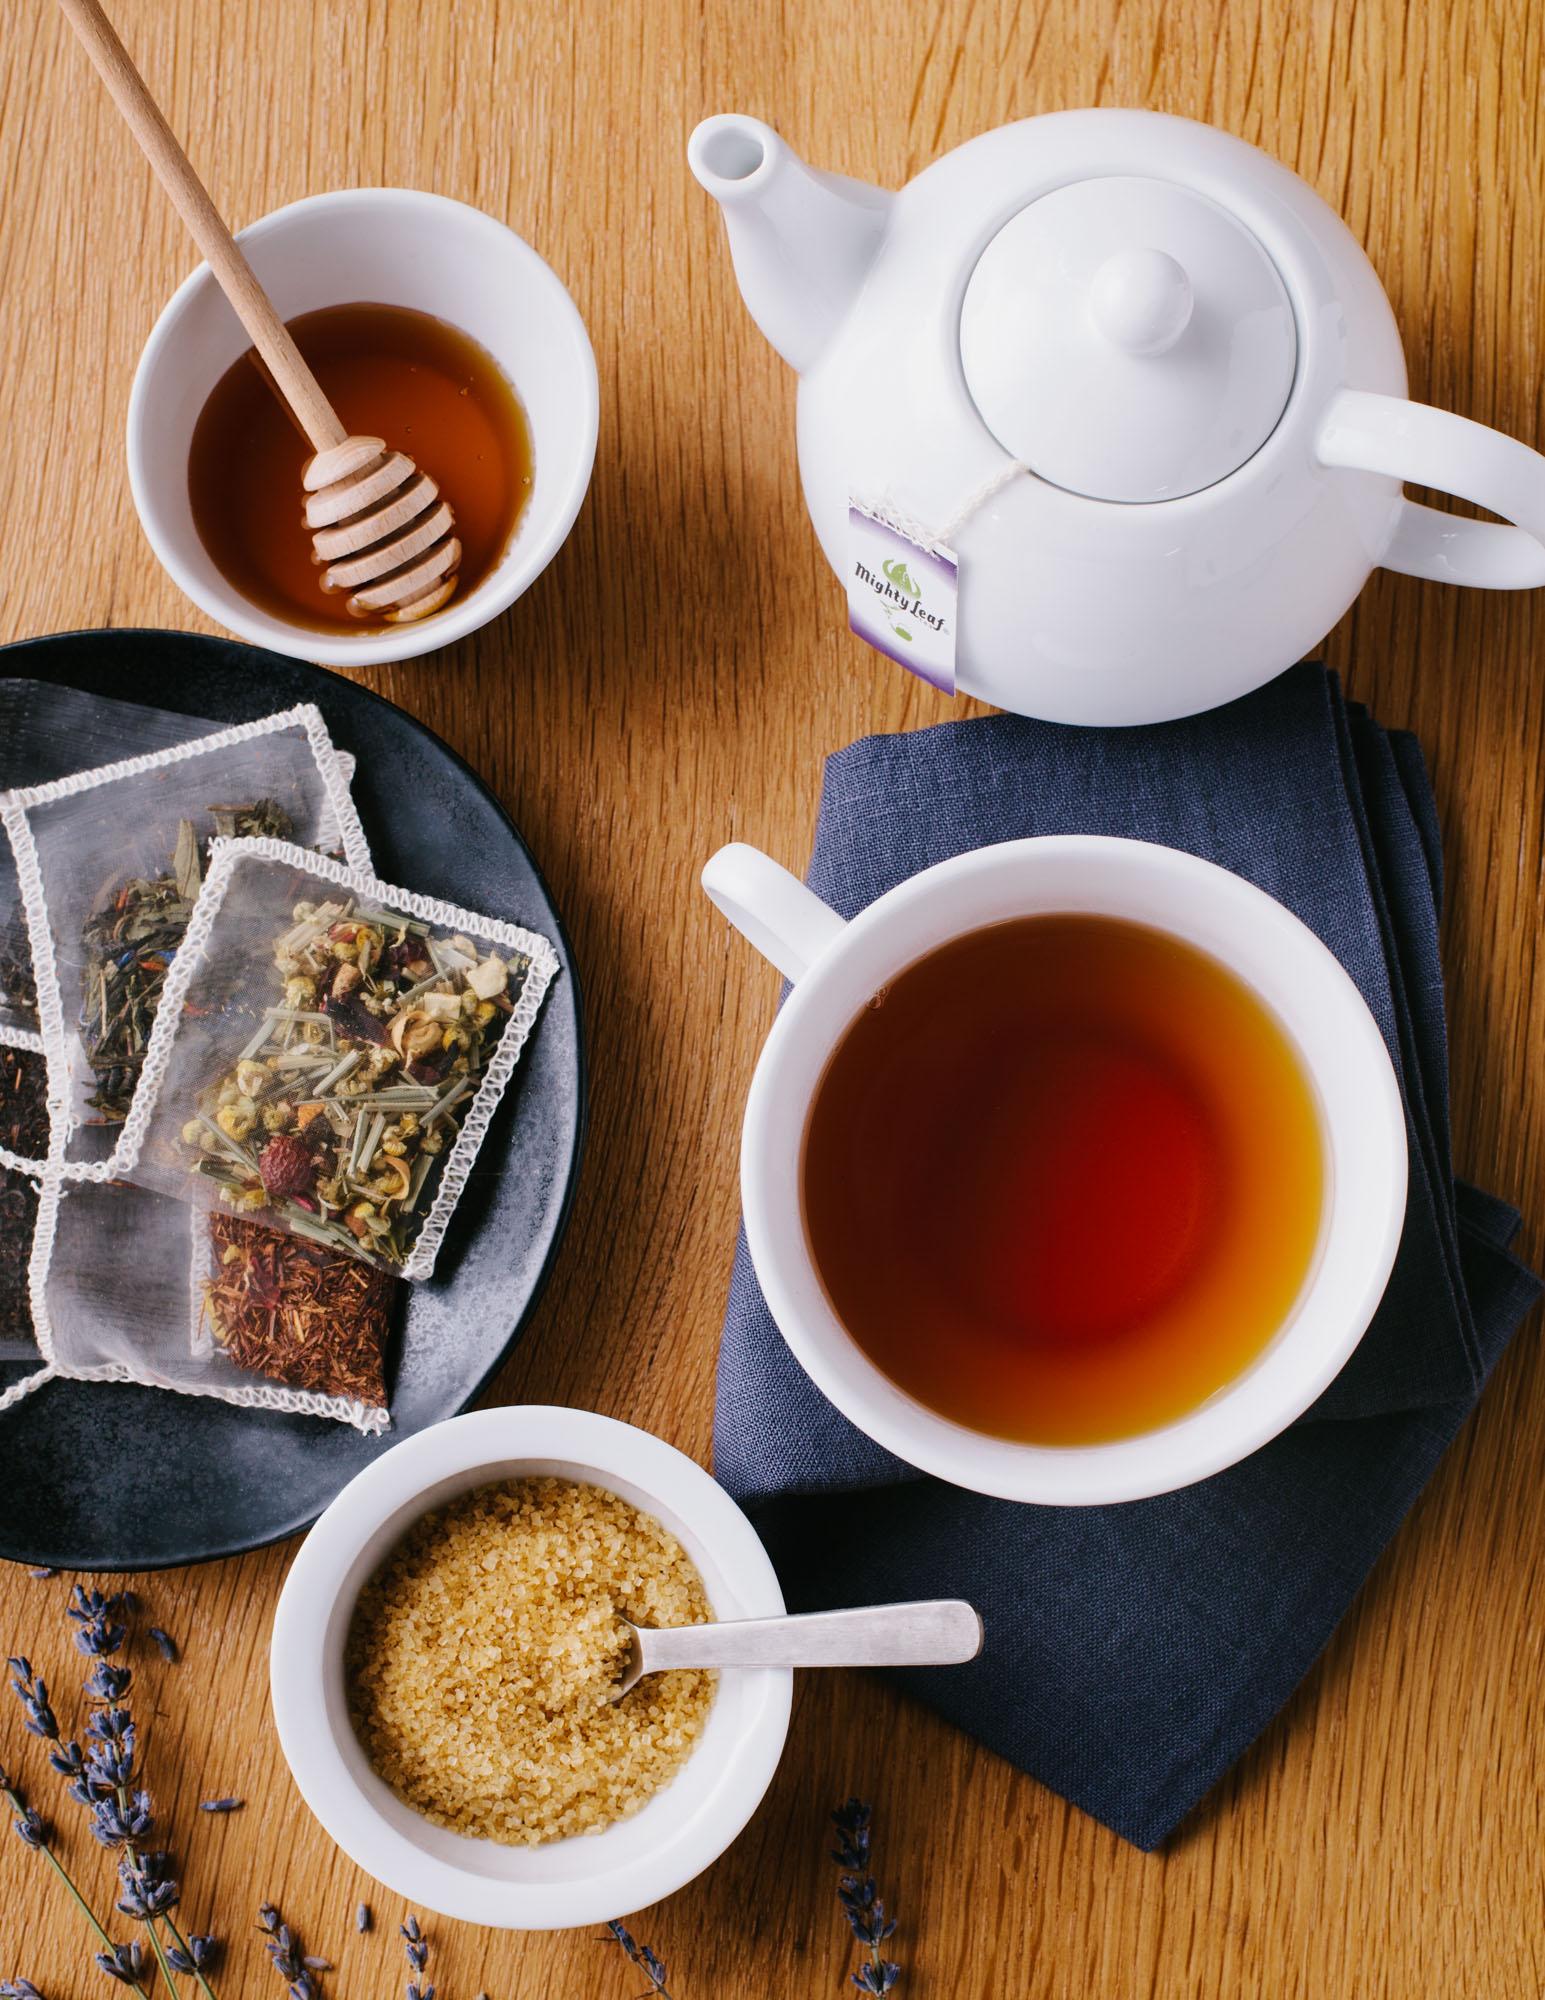 Tea service by Adam DeTour